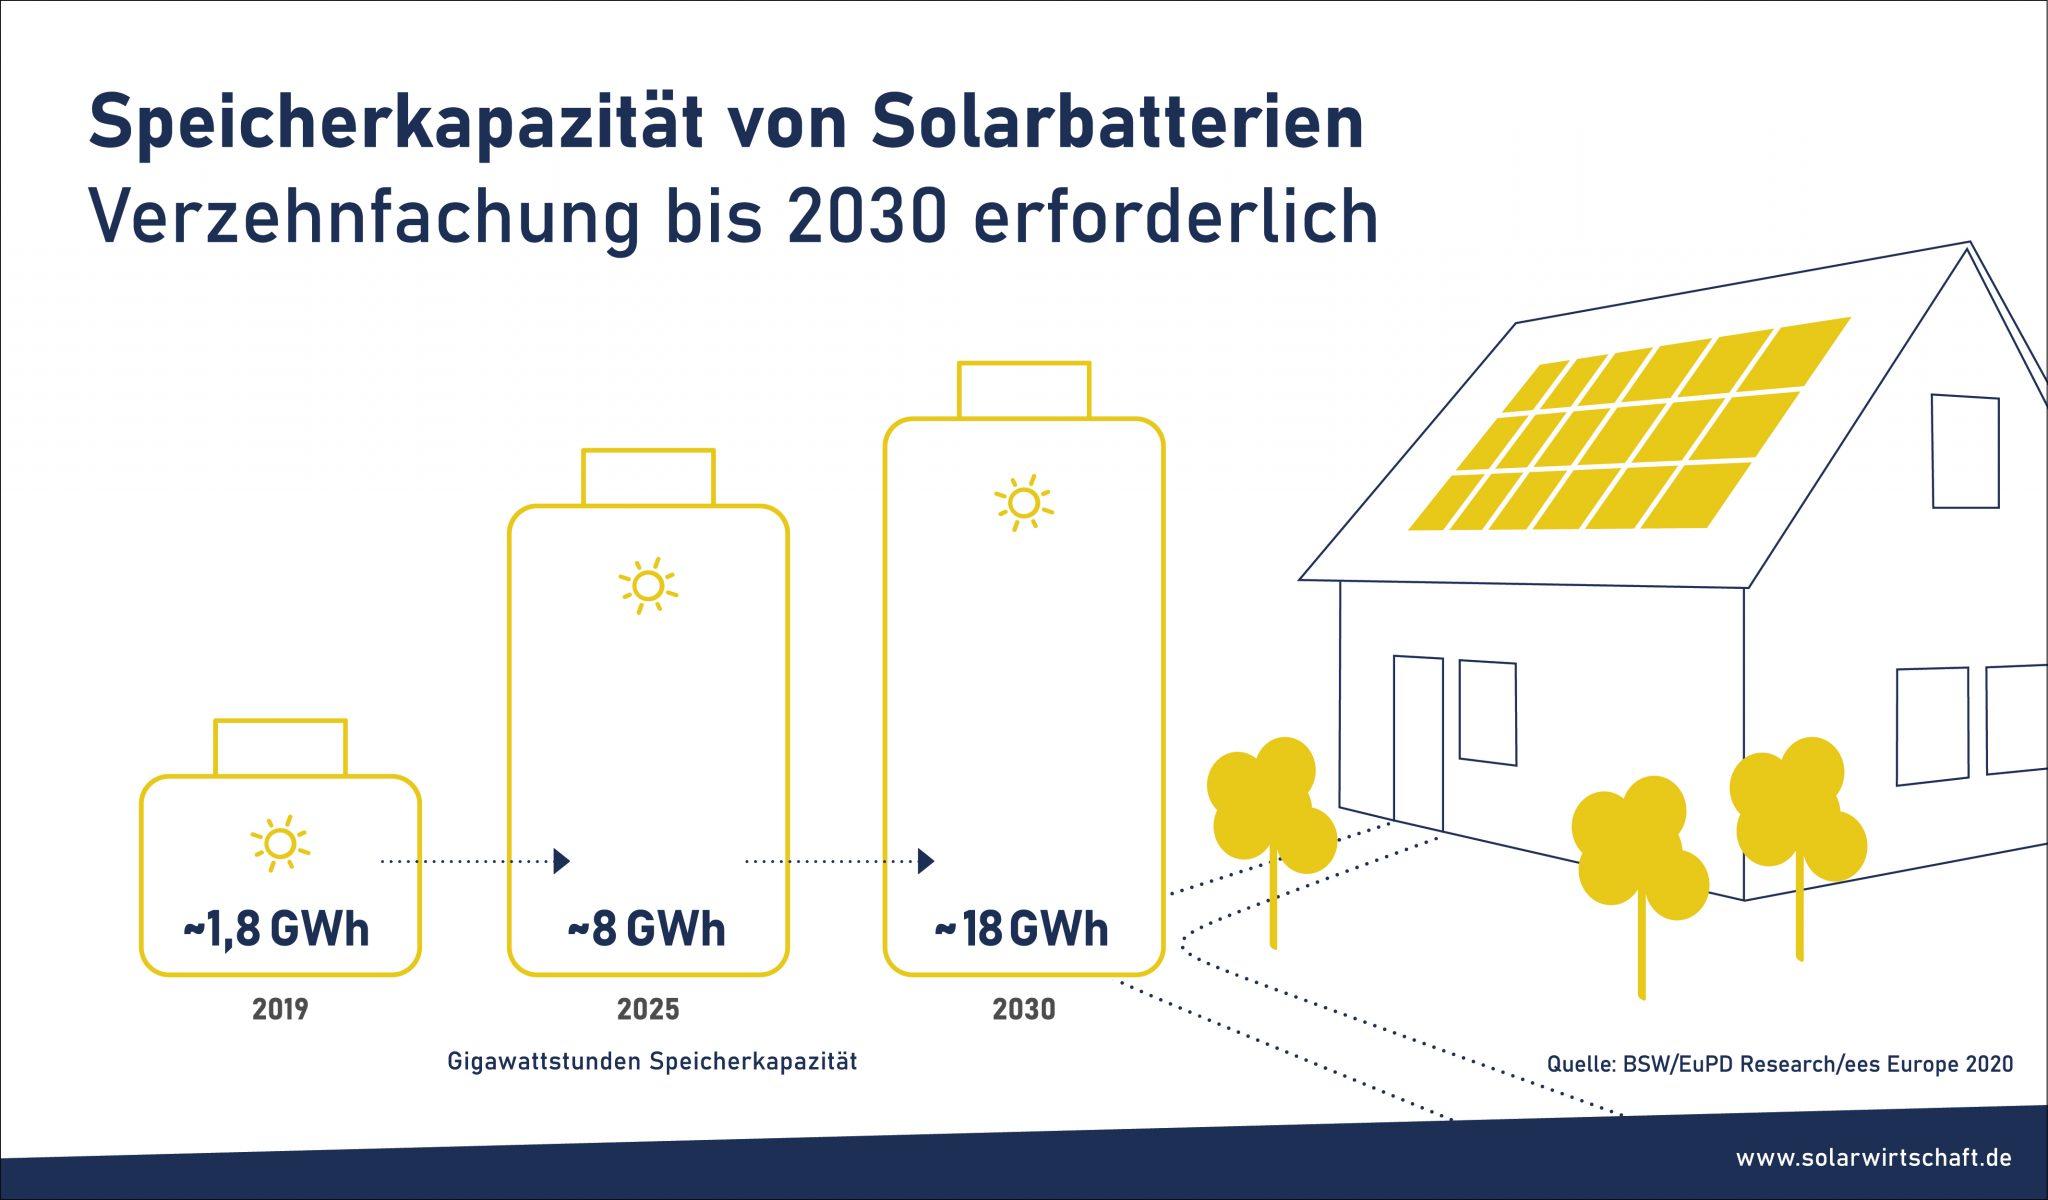 Speicherkapazität von Solarbatterien